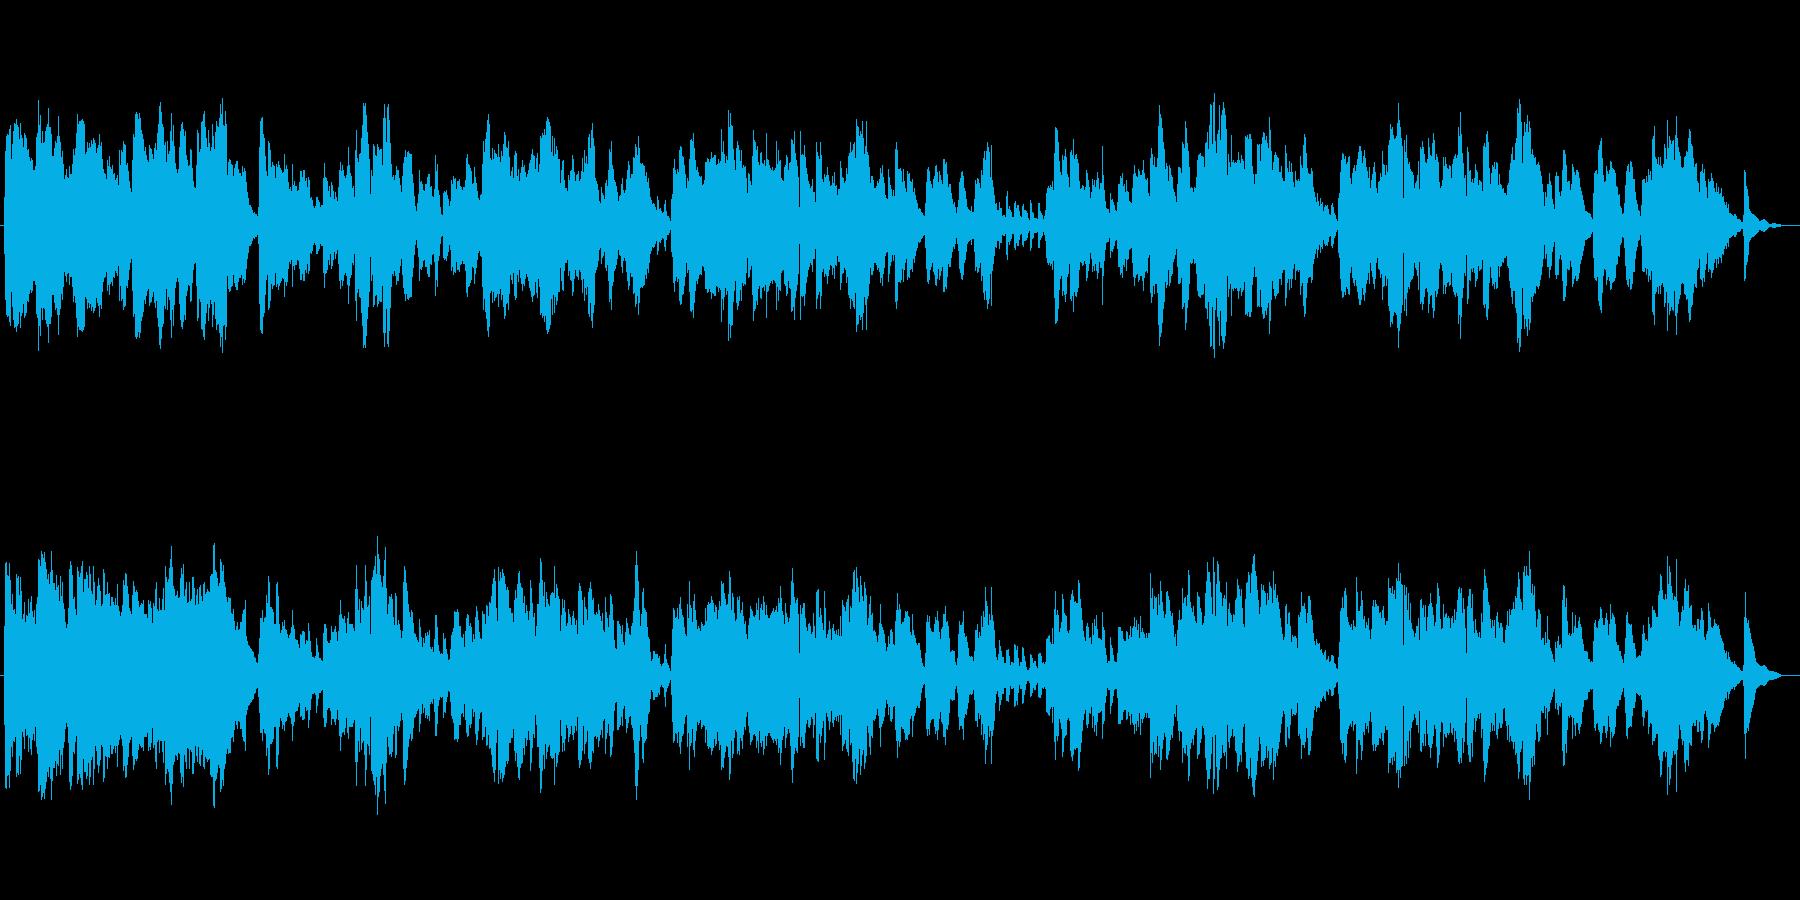 心が落ち着くリラクゼーションミュージックの再生済みの波形